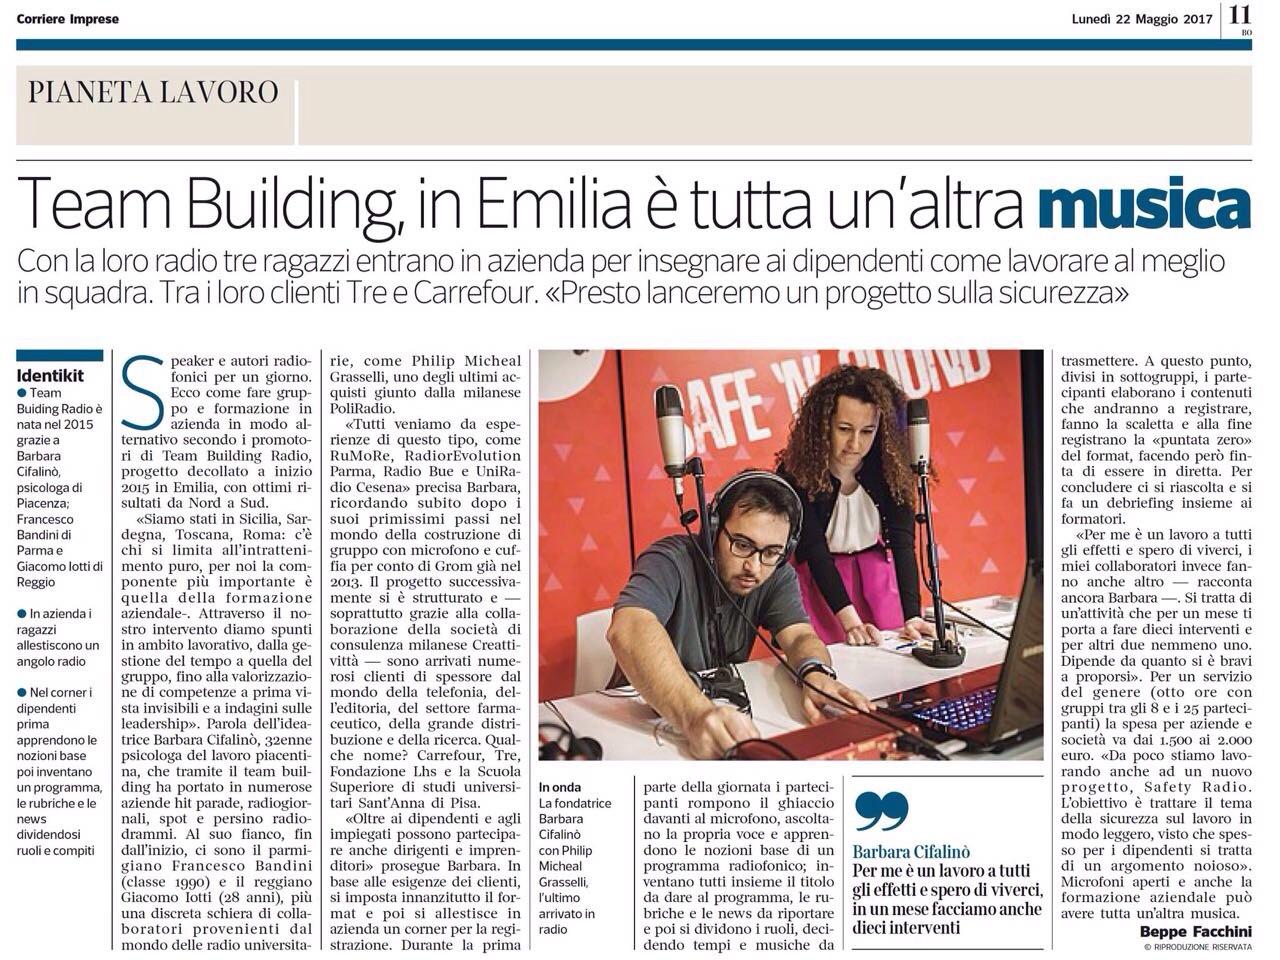 """Corriere Della Sera: """"Team Building Radio. In Emilia è Tutta Un'altra Musica"""""""